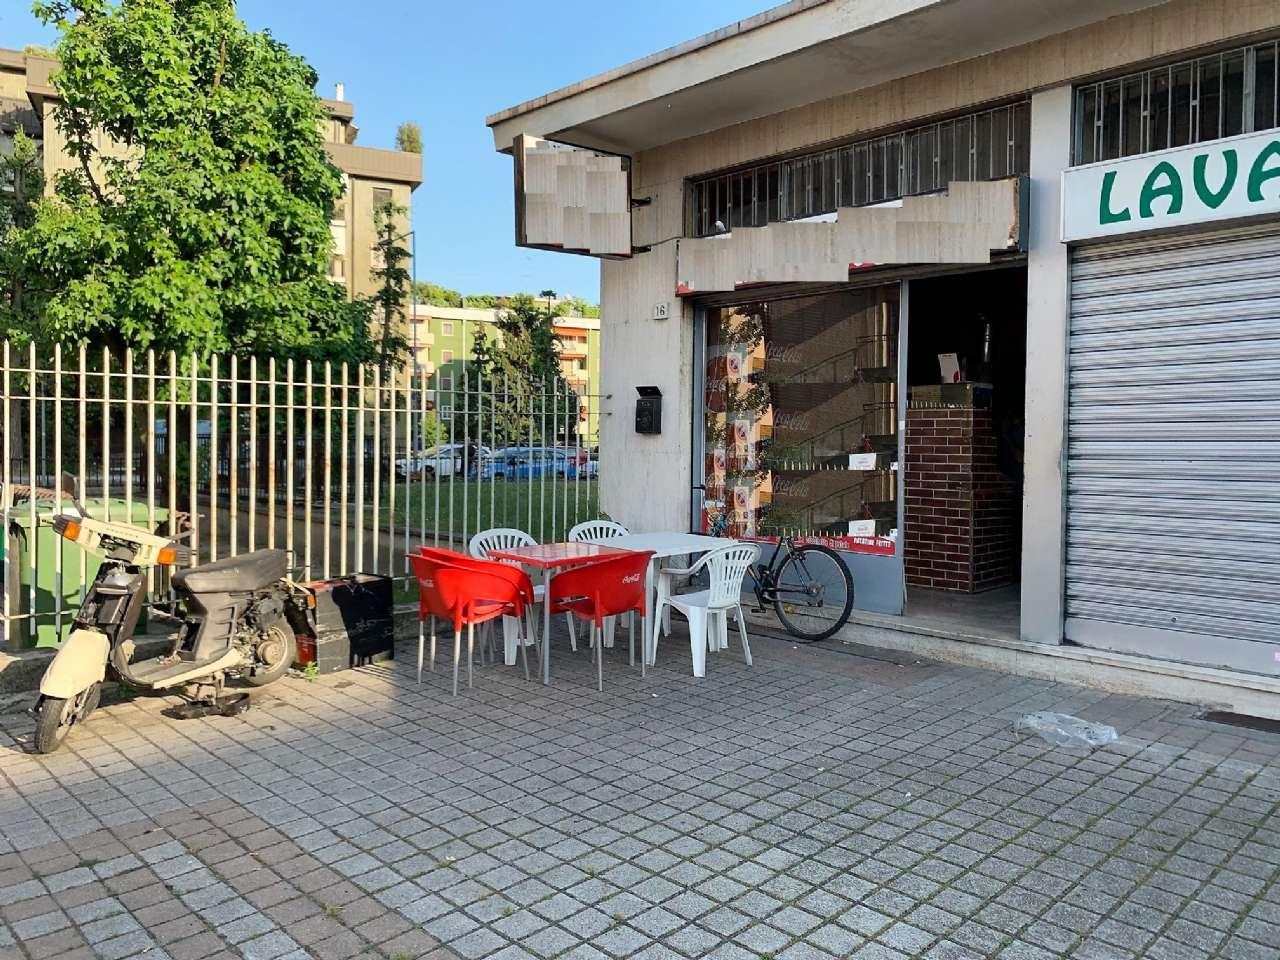 Negozio / Locale in vendita a Rozzano, 2 locali, prezzo € 39.000   PortaleAgenzieImmobiliari.it